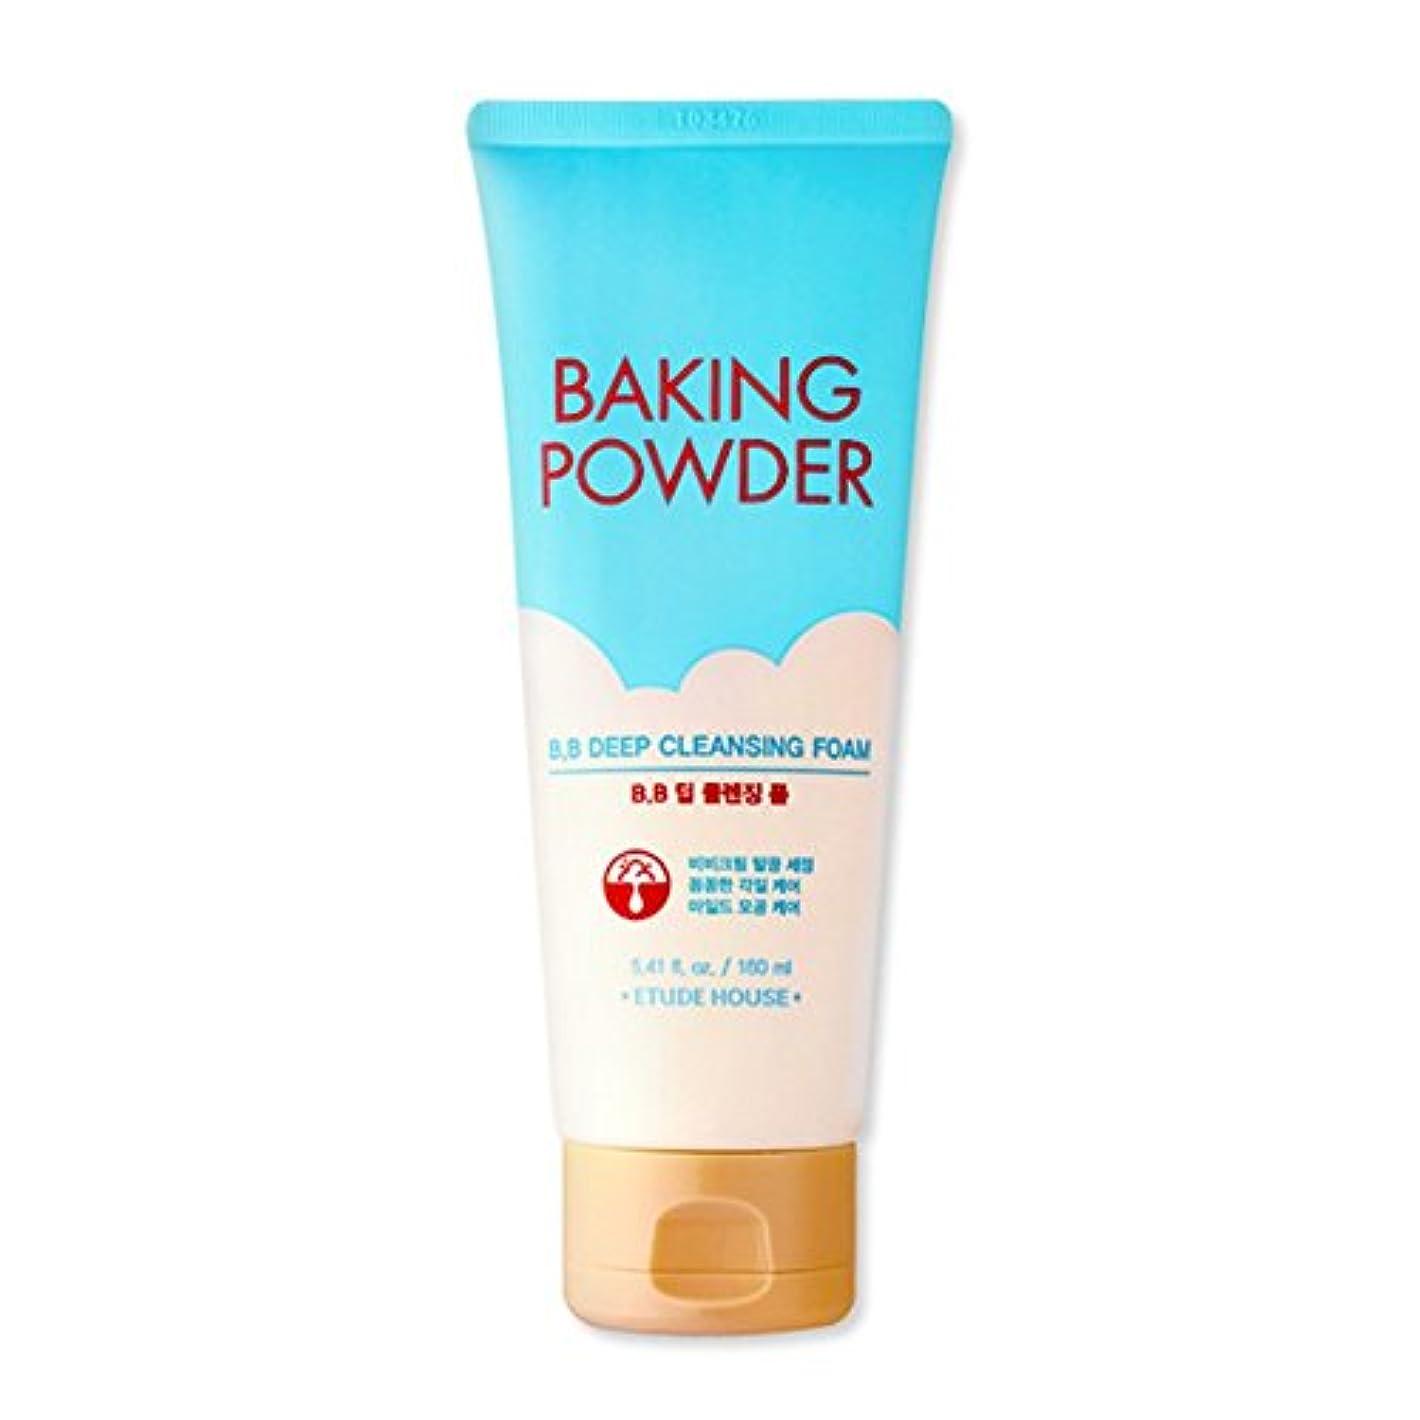 爵しなやかな珍しい[2016 Upgrade!] ETUDE HOUSE Baking Powder B.B Deep Cleansing Foam 160ml/エチュードハウス ベーキング パウダー B.B ディープ クレンジング フォーム...